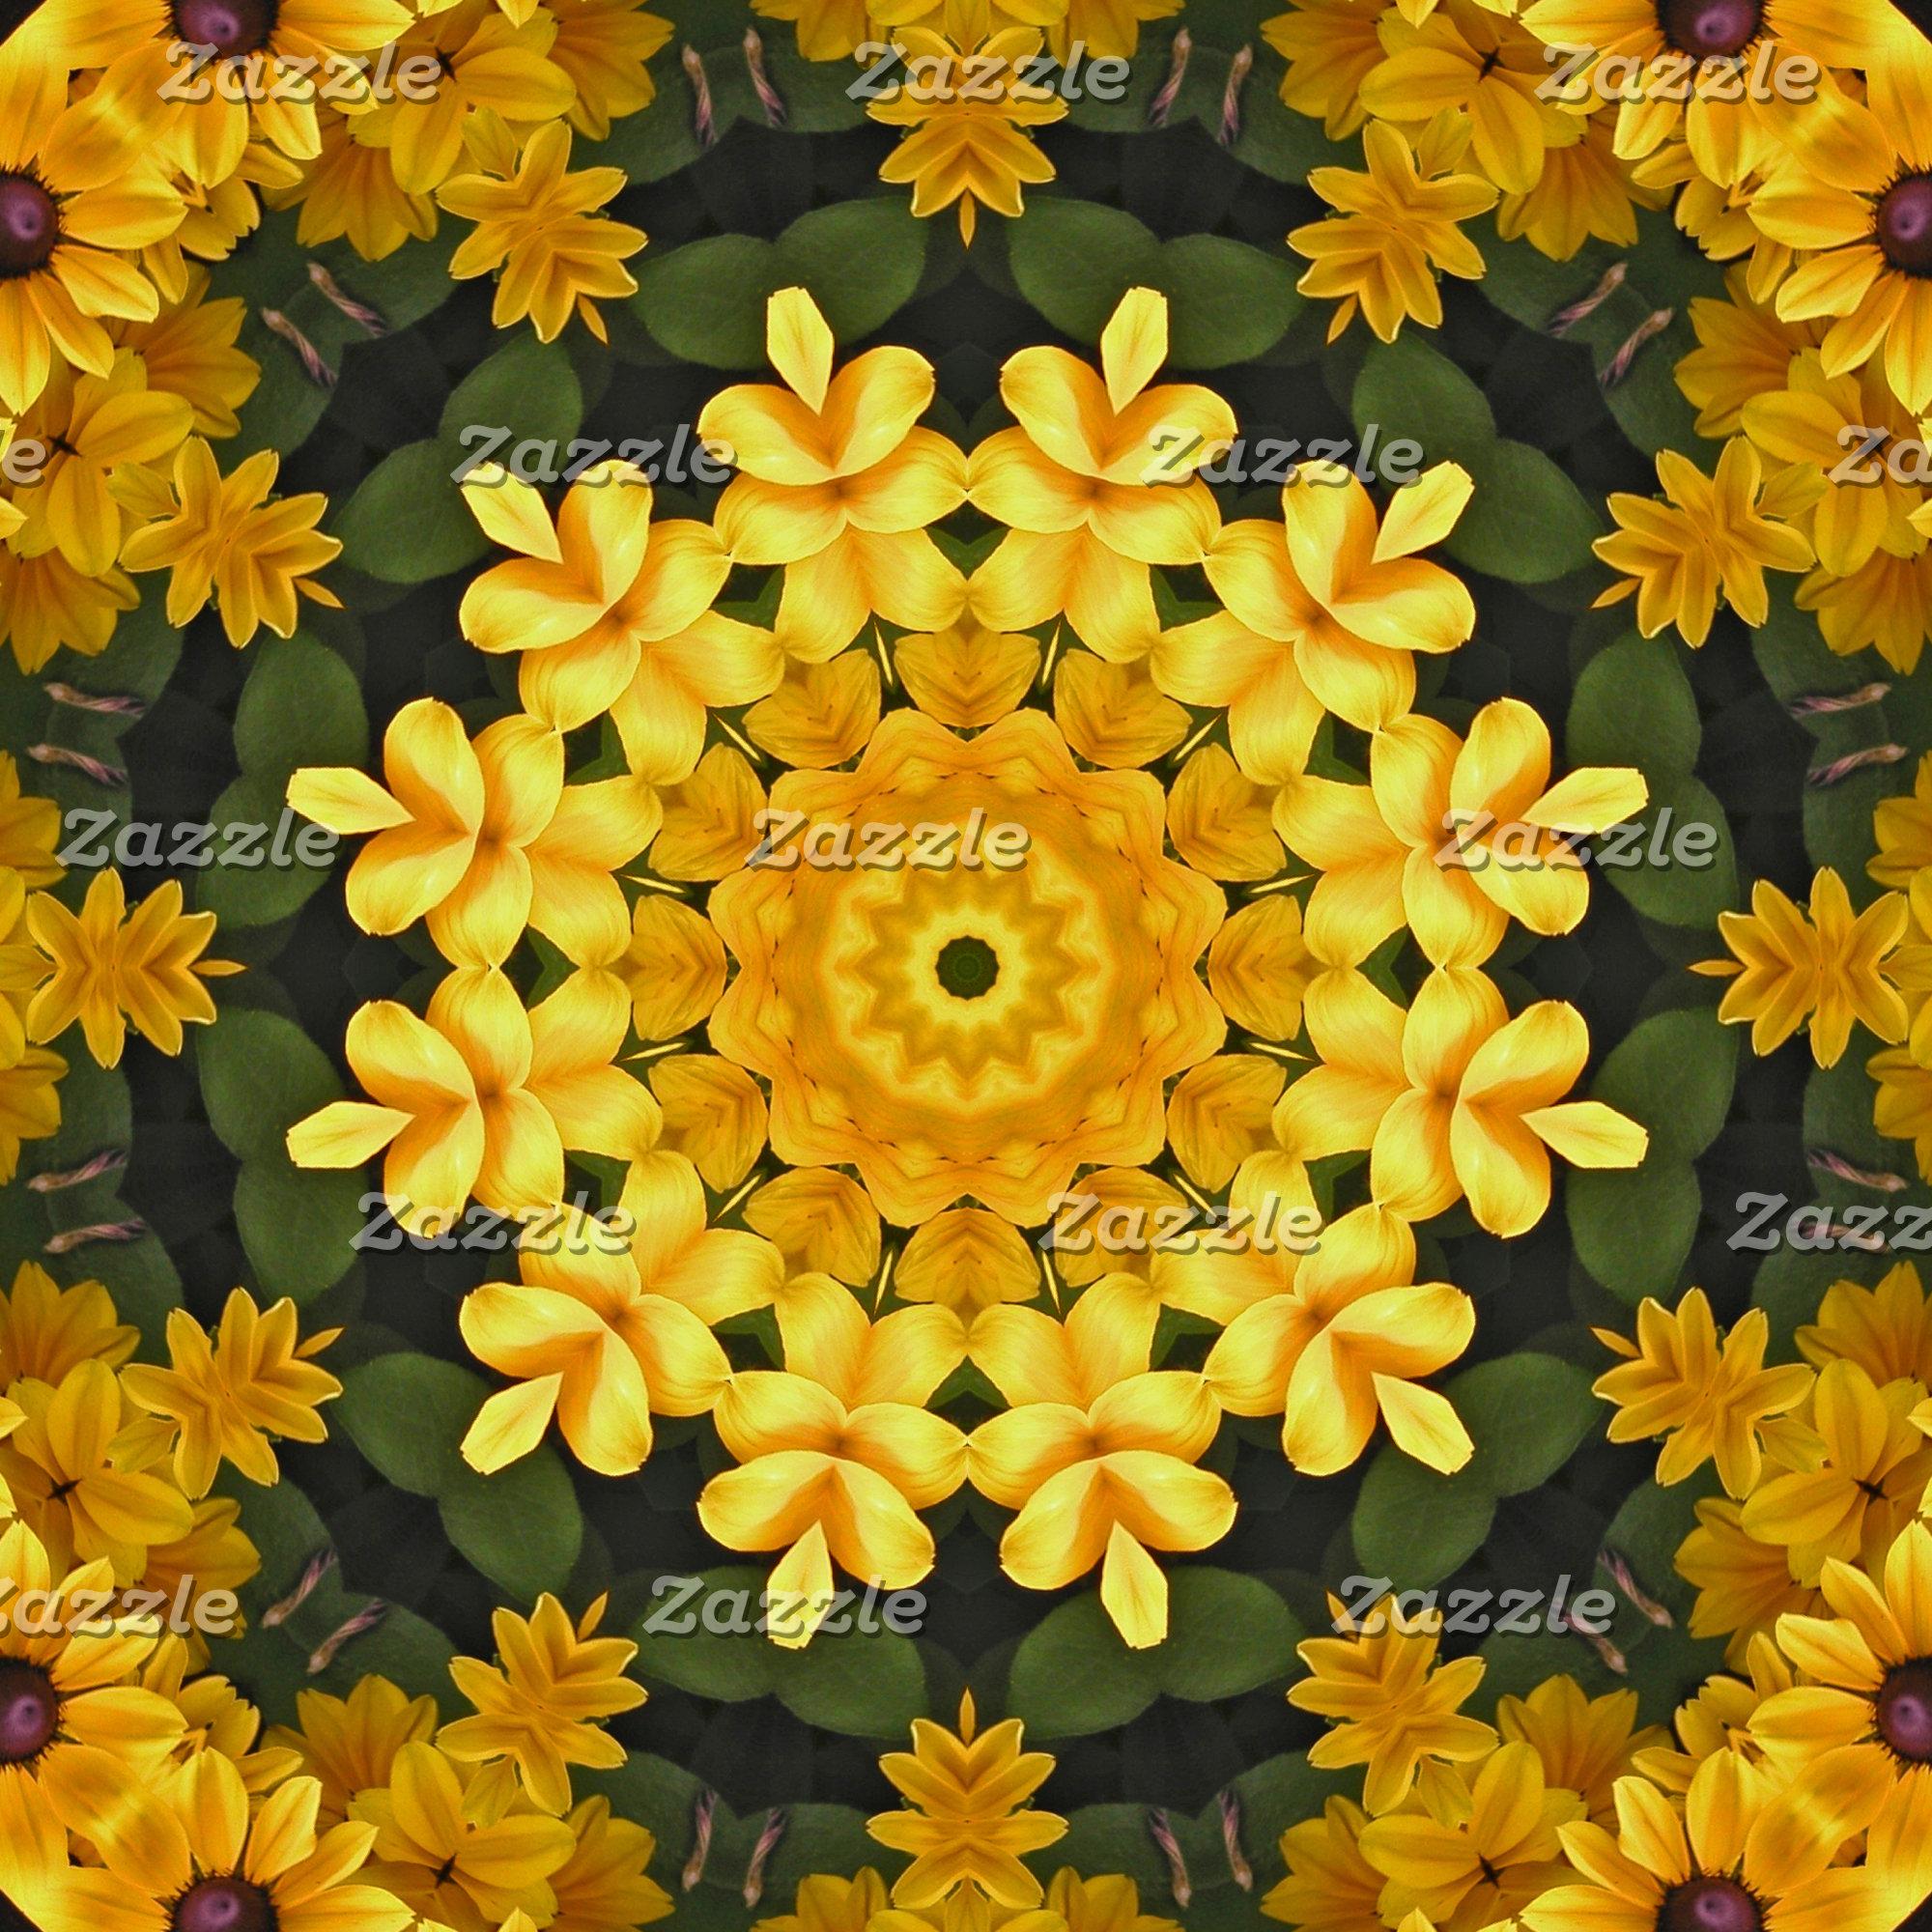 _Fall Flower Mandalas